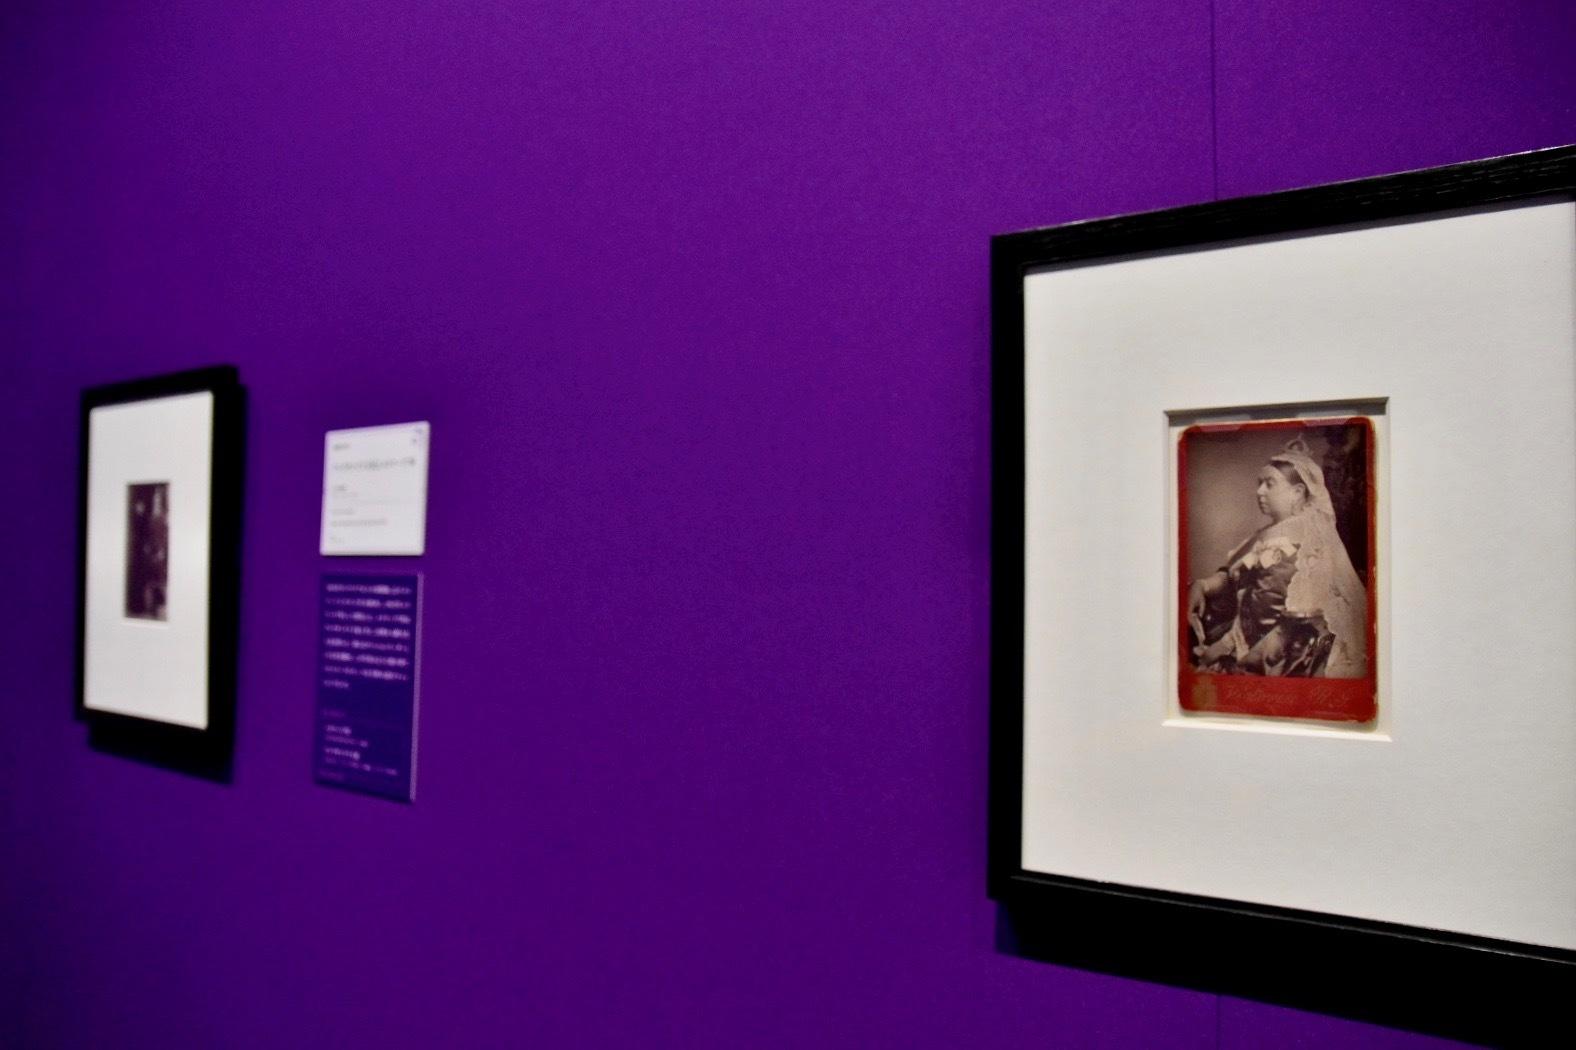 右:アレクサンダー・バッサーノ撮影《ヴィクトリア女王》1882年撮影、1887年制作